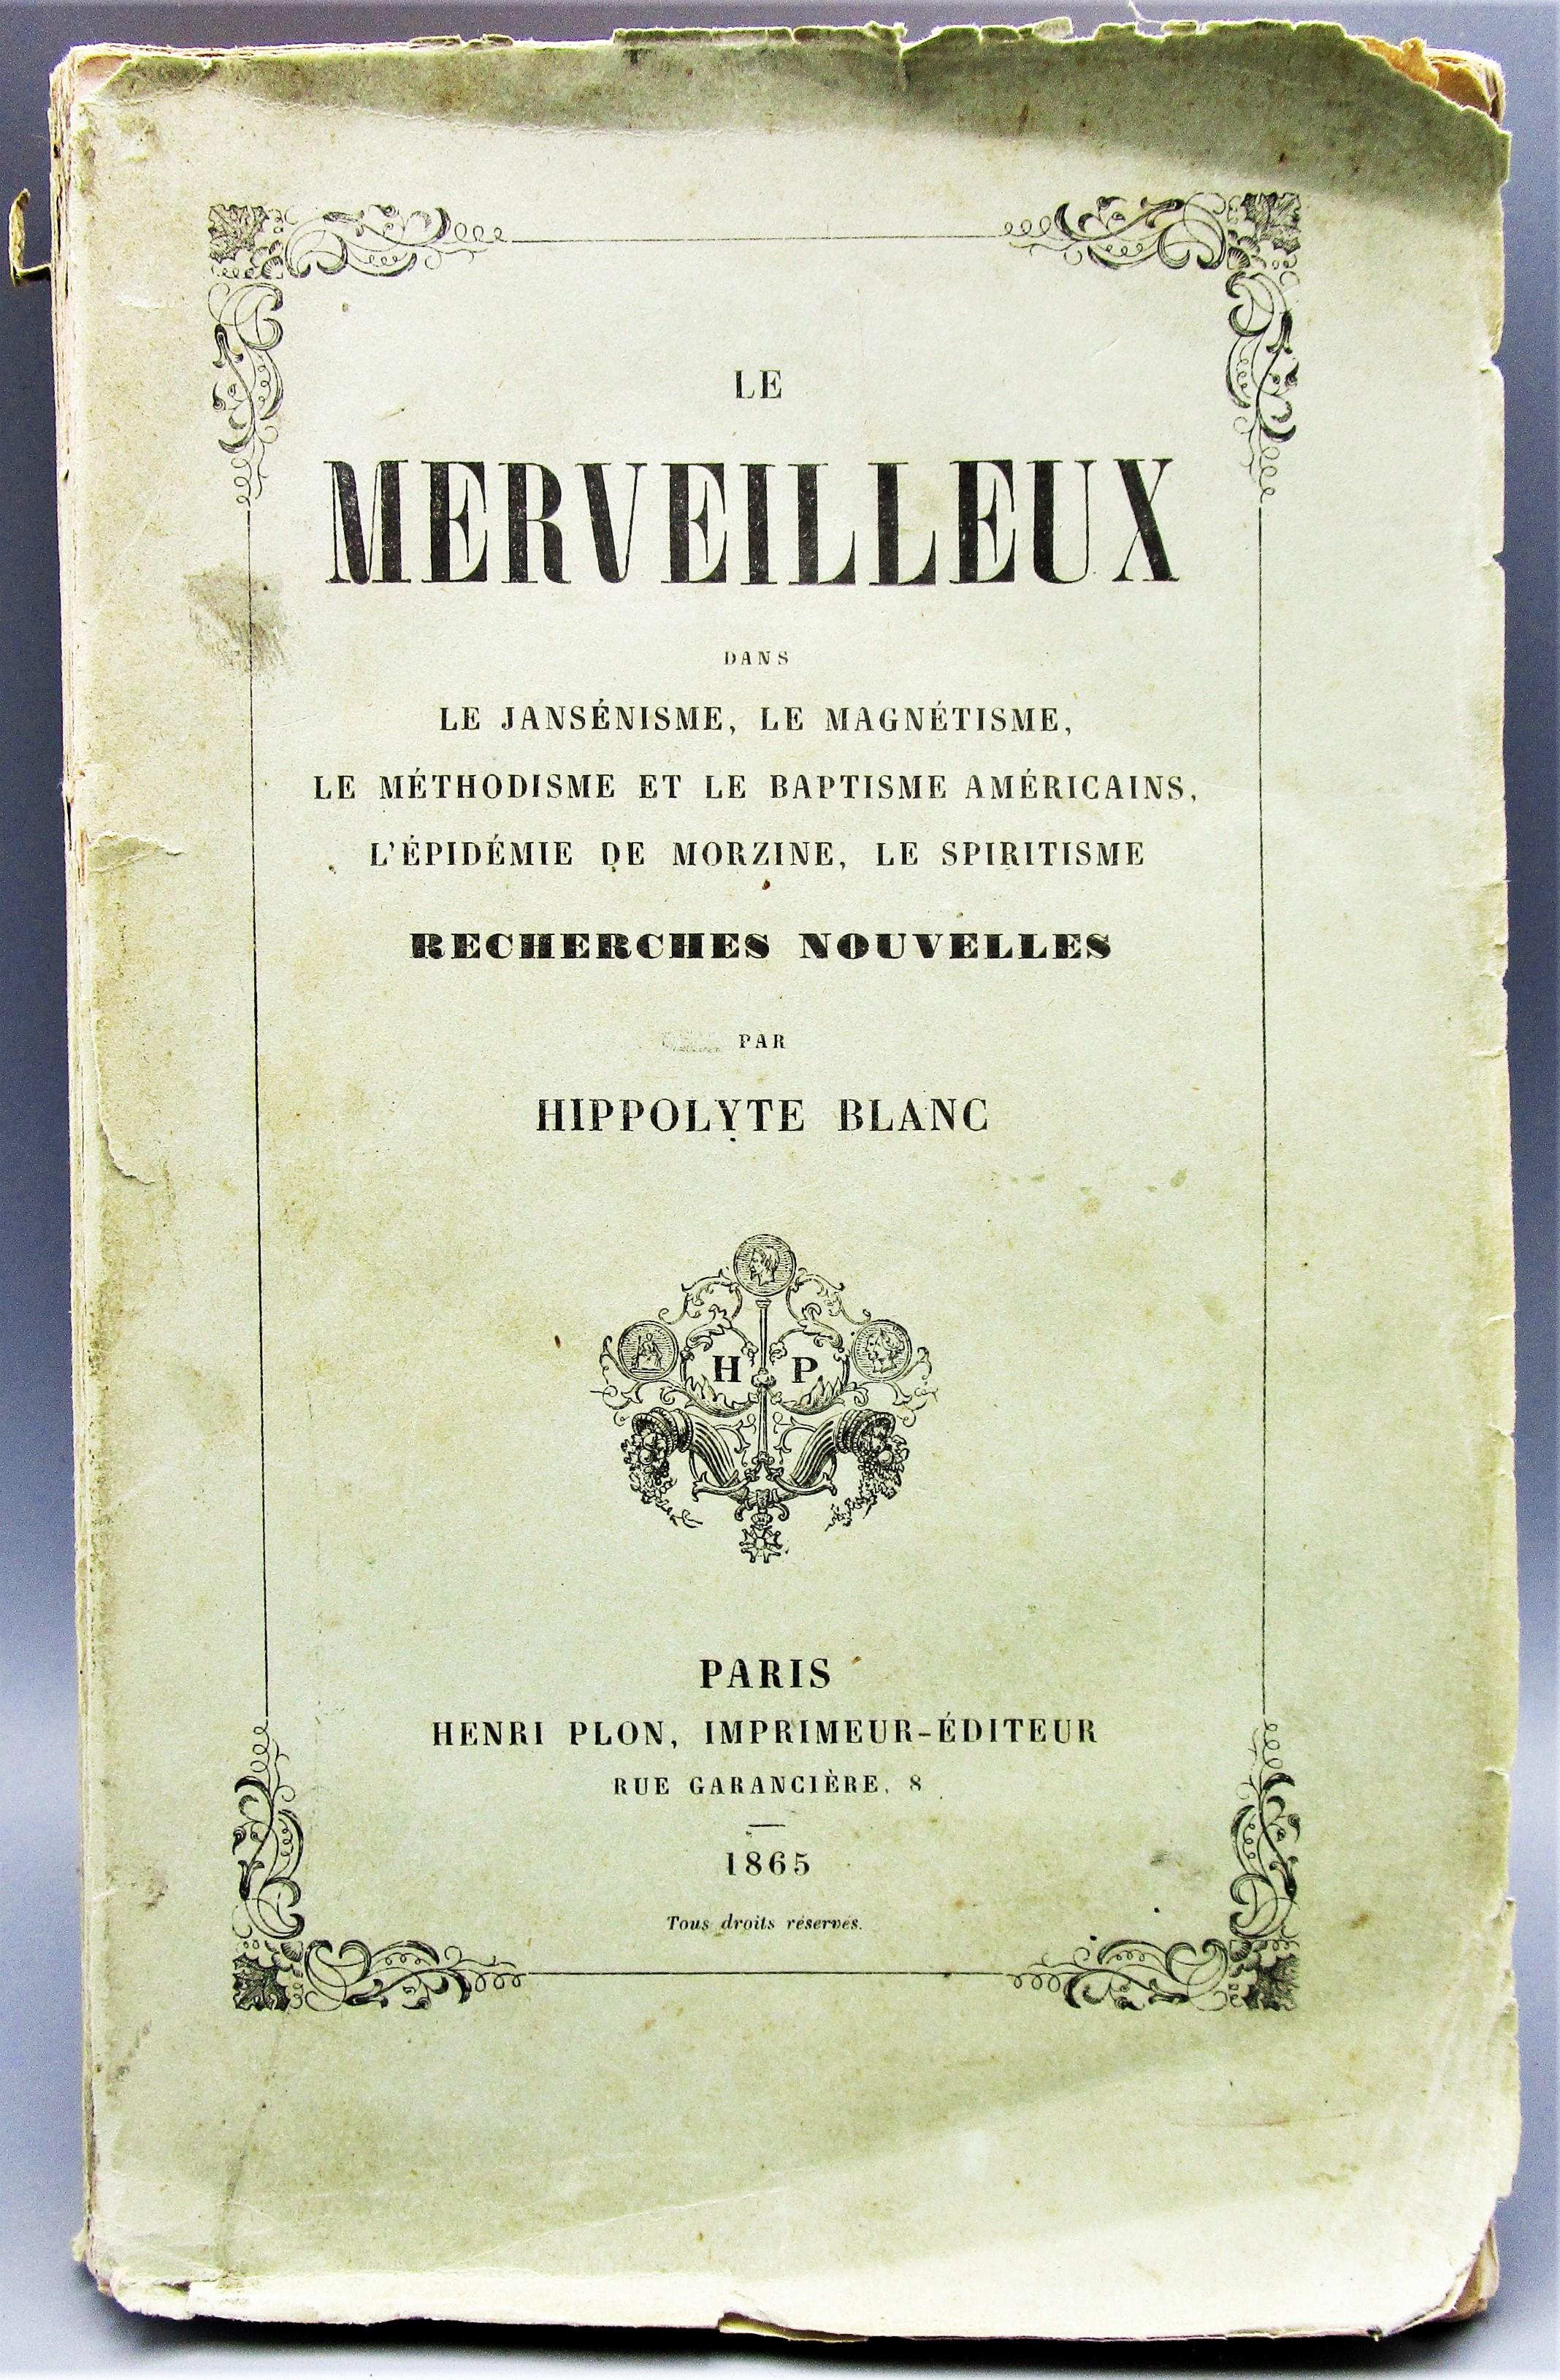 LE MERVEILLEUX DANS LE JANSENISME, ETC., by Hippolyte Blanc - 1865 [1st Ed]